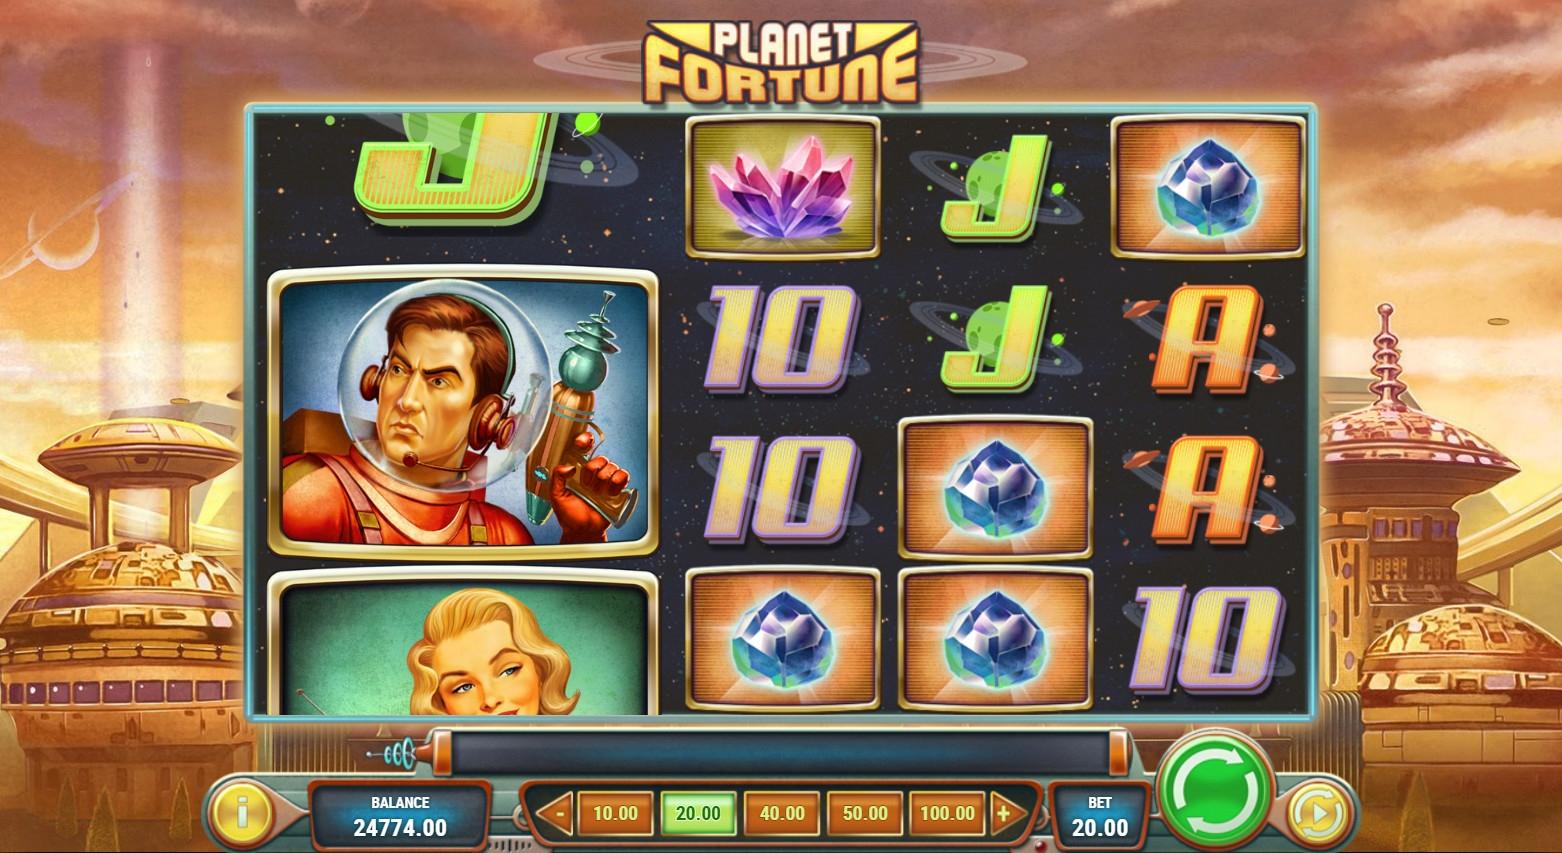 казино планет фортуны